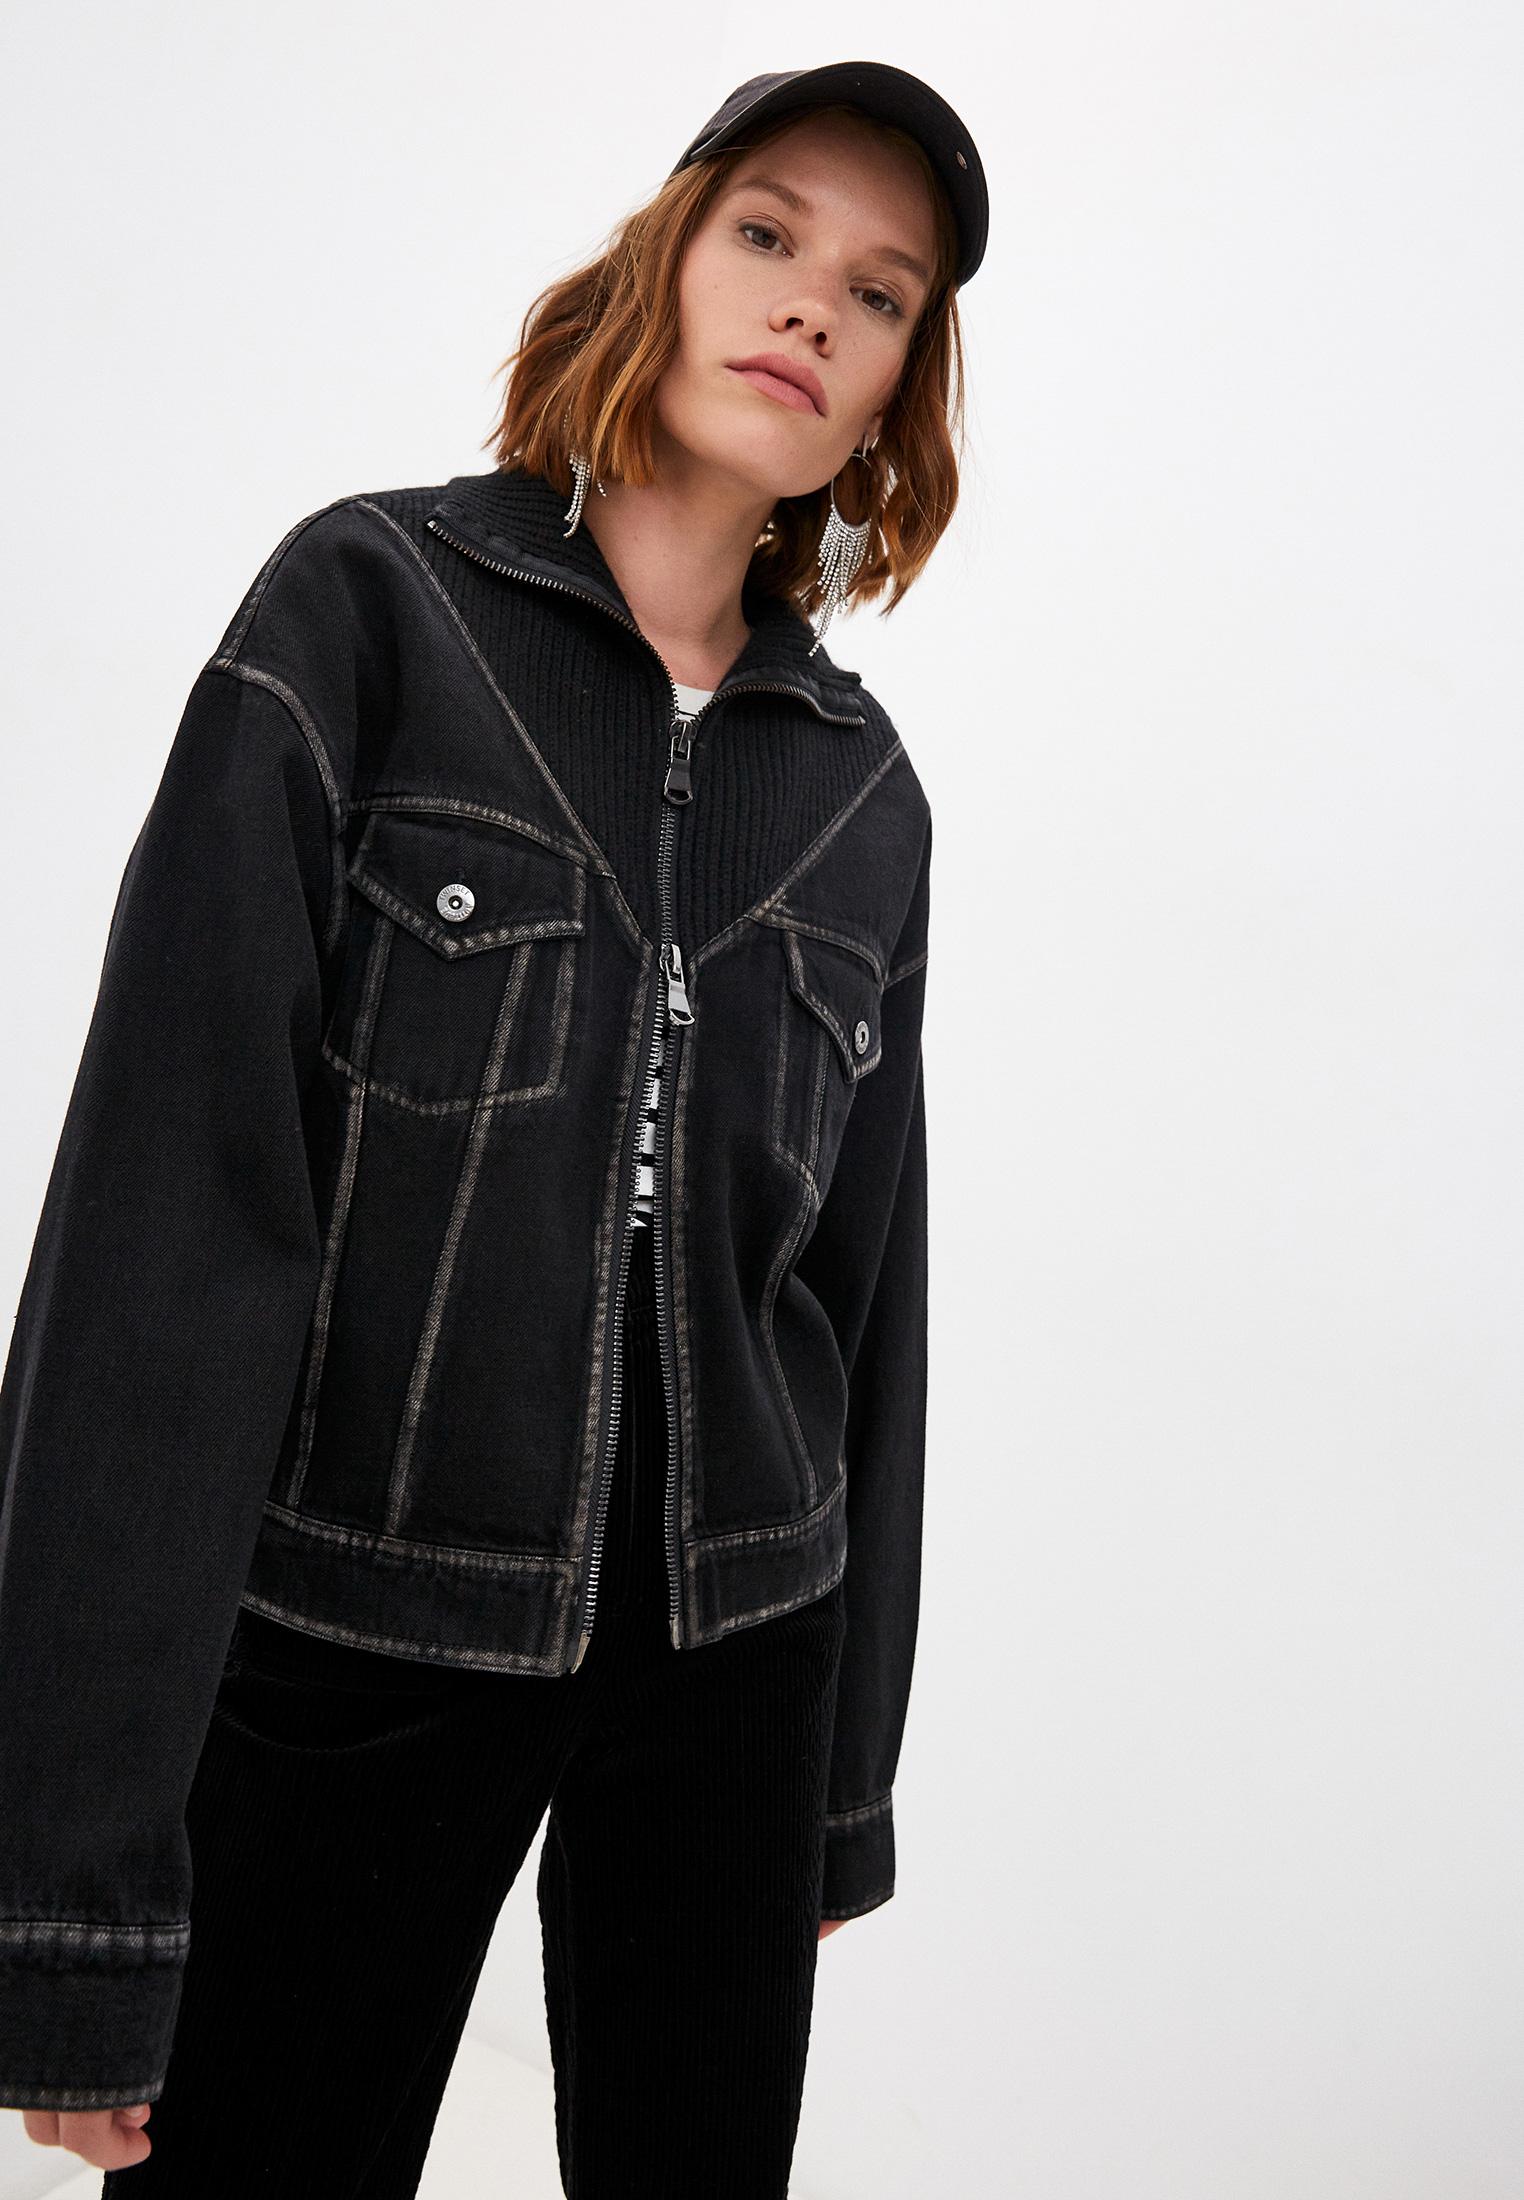 Джинсовая куртка Twinset Milano Куртка джинсовая Twinset Milano